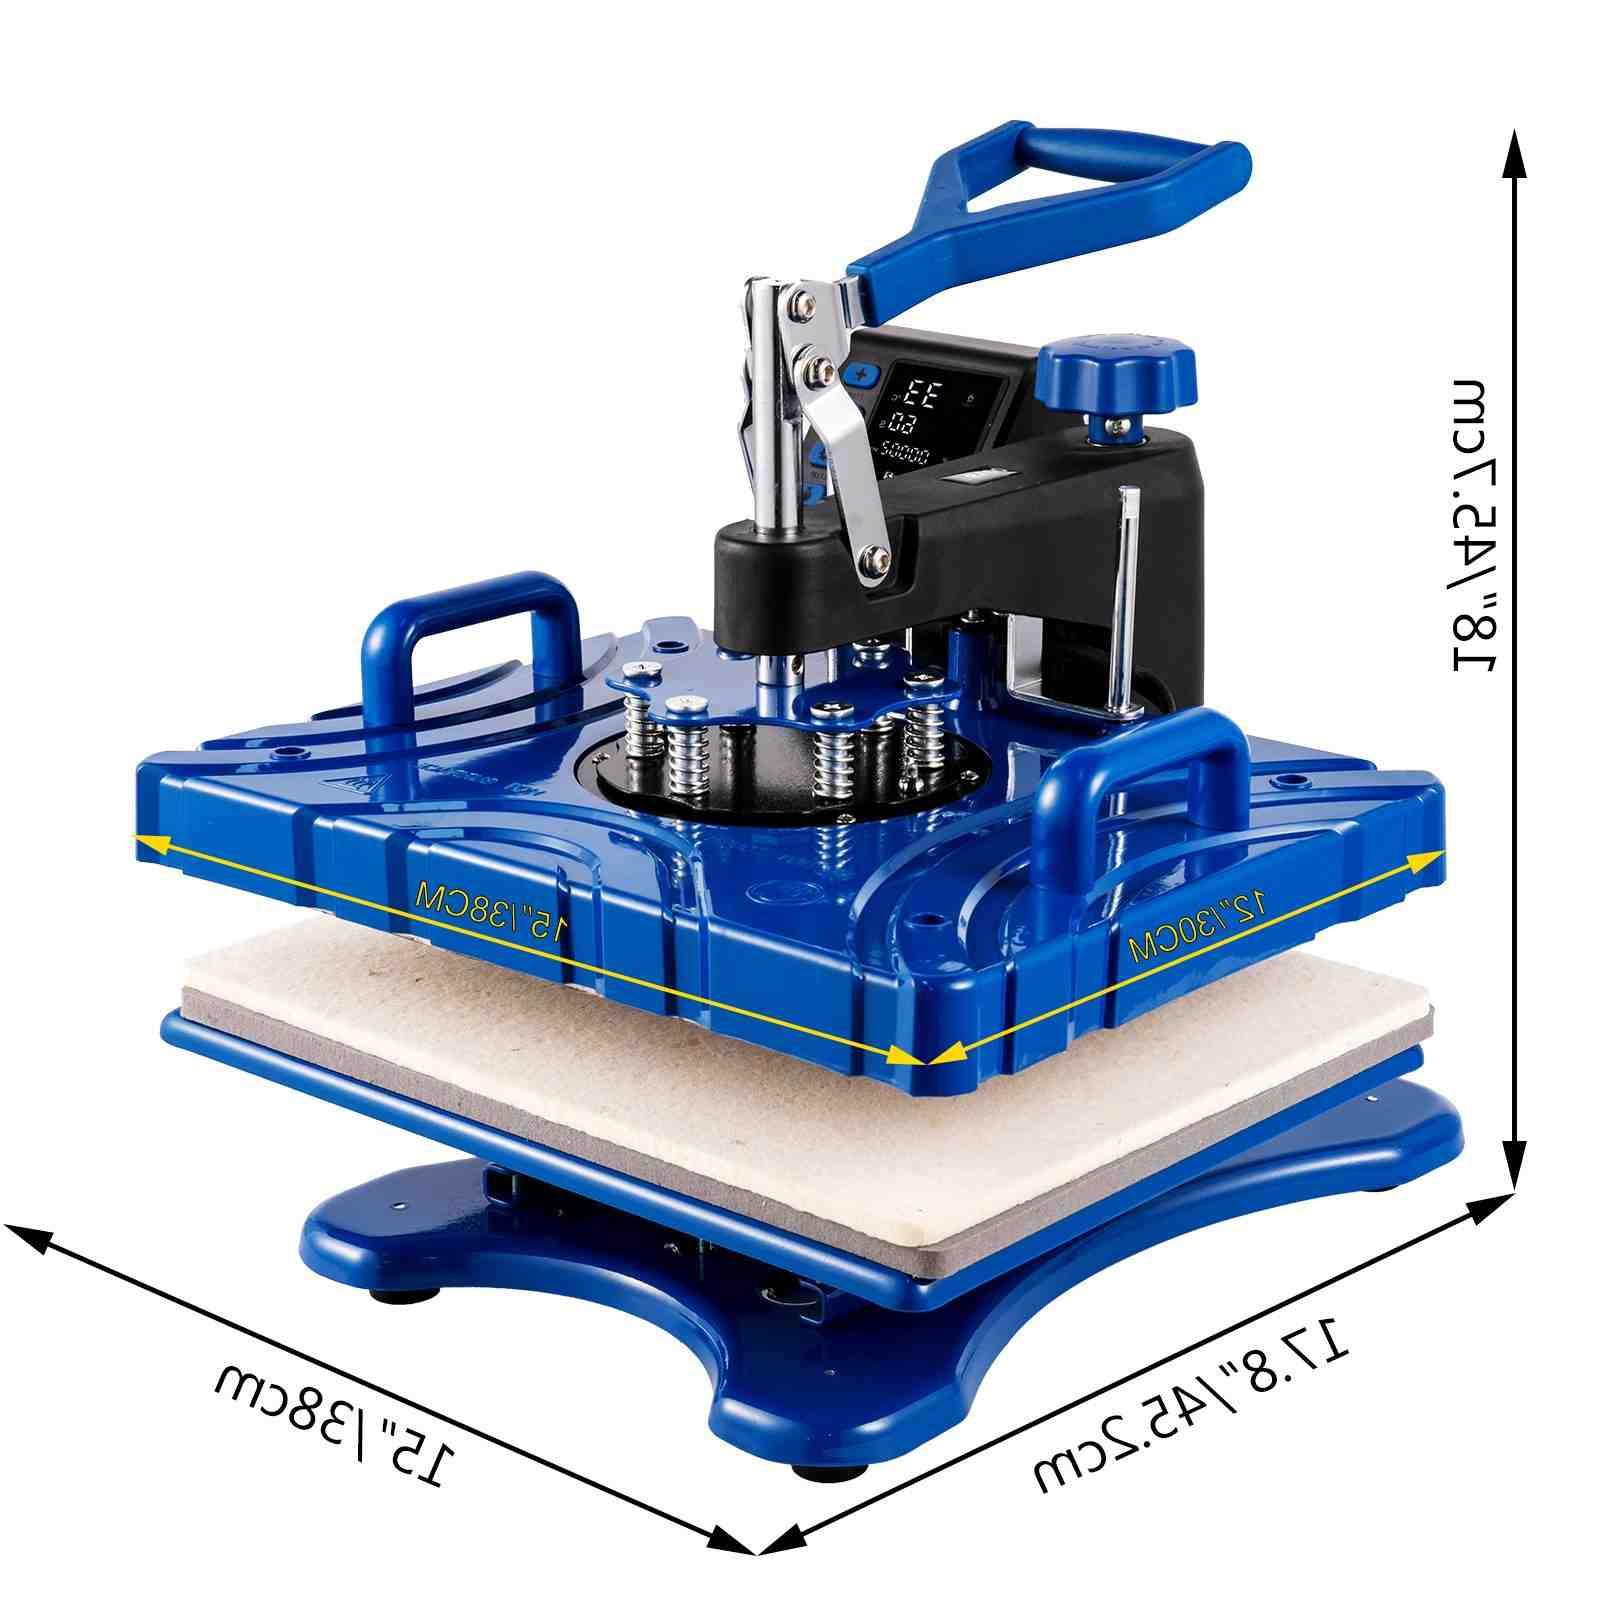 Comment fonctionne une imprimante textile ?